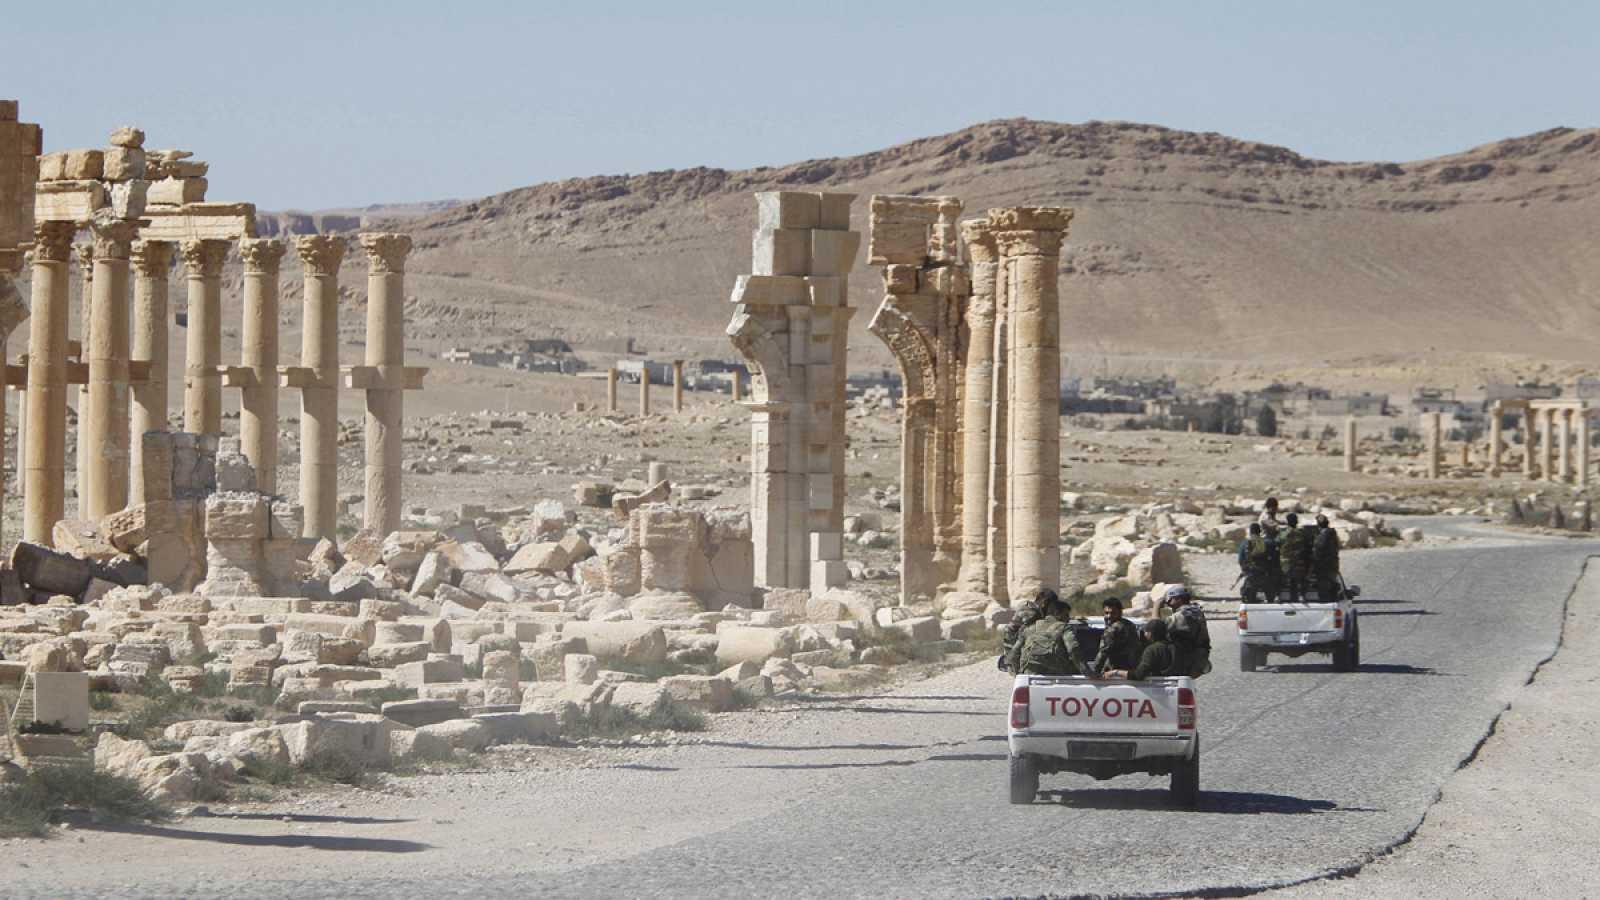 Imagen de archivo del ejército sirio pasando por el Arco del Triunfo de la ciudad de Palmira, en la privincia siria de Homs.